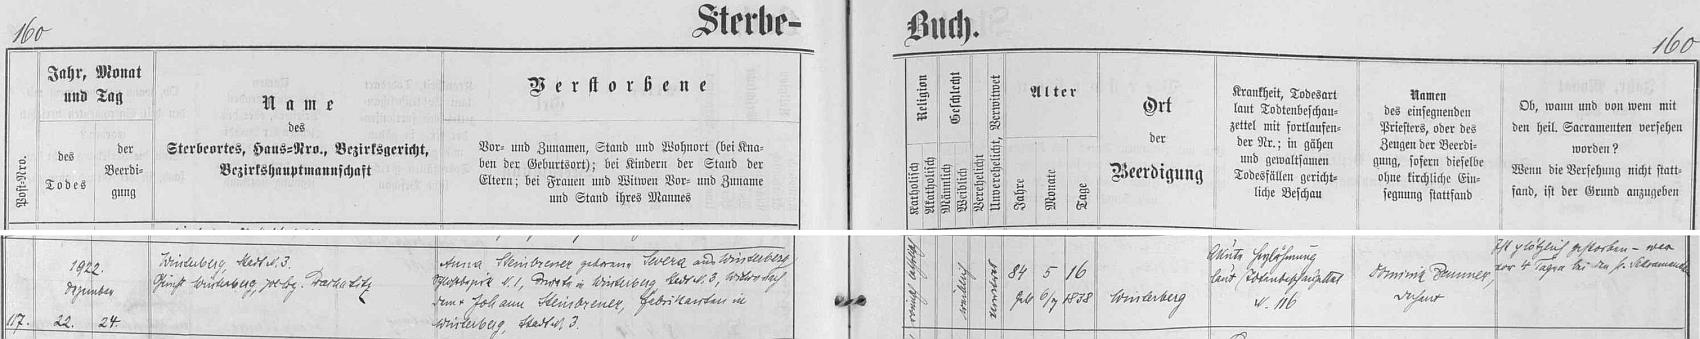 Záznam vimperské úmrtní matriky o skonu jeho ženy třináct let po něm